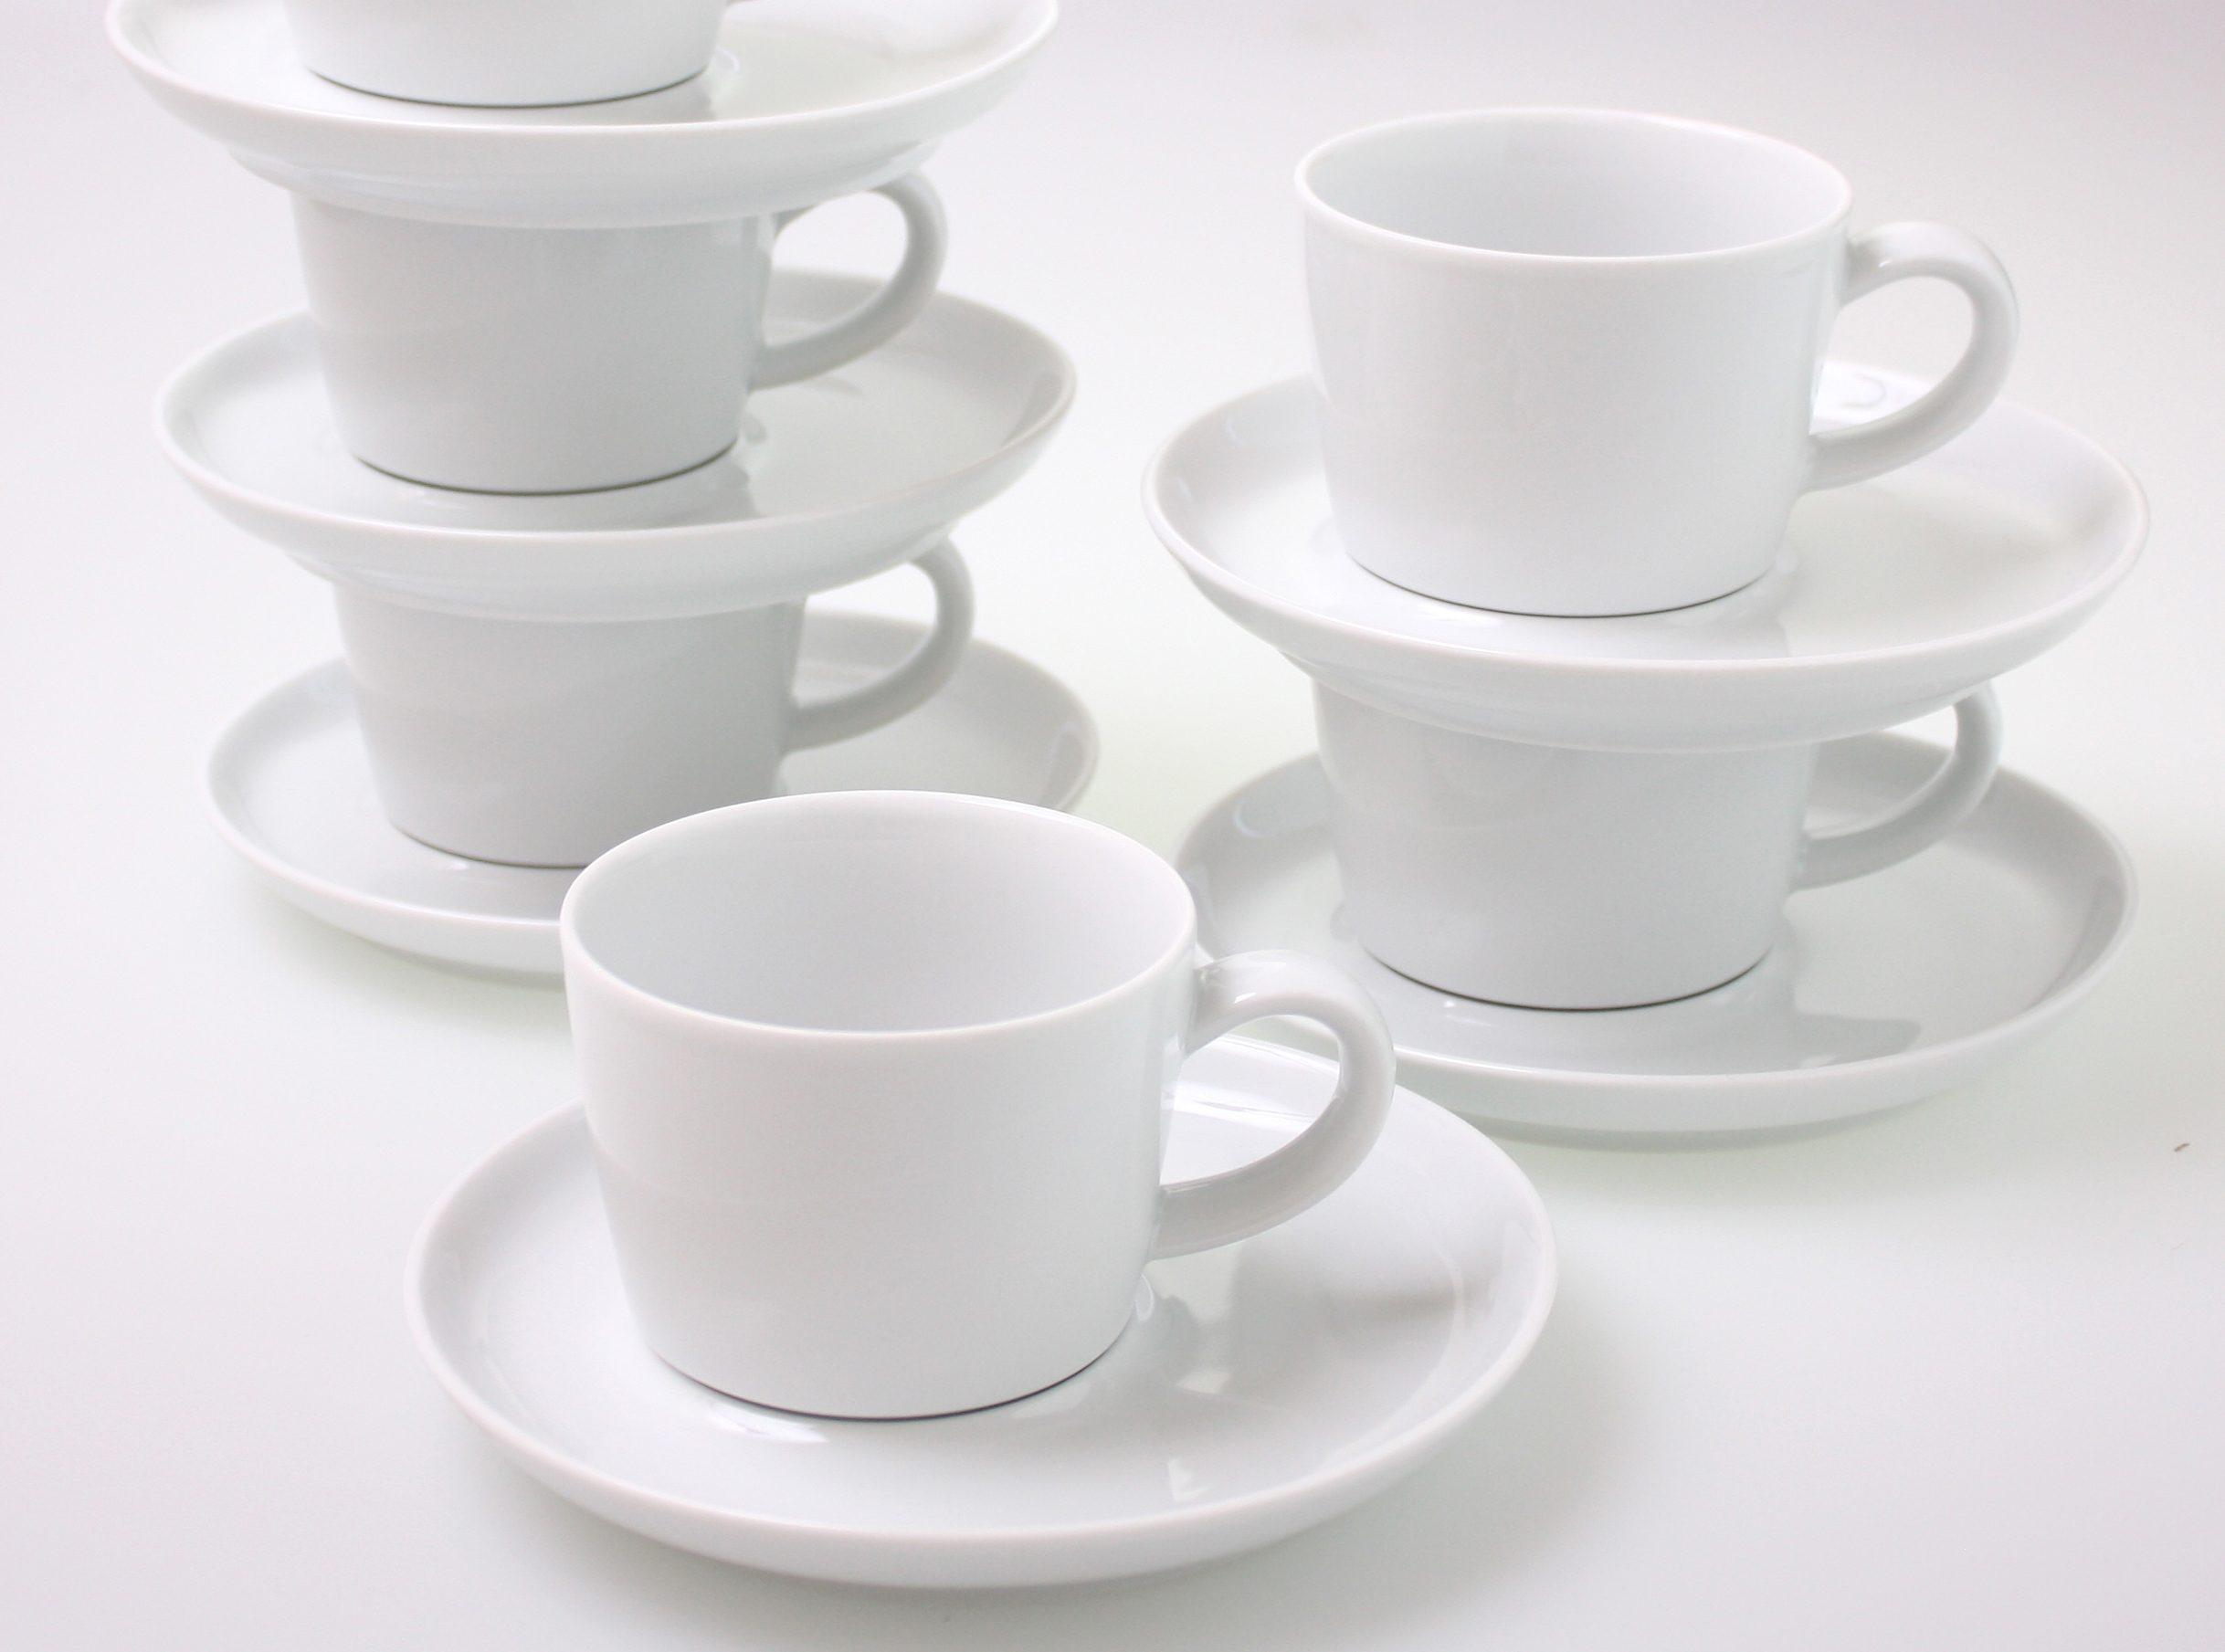 Kahla Kaffee-Gedecke 12-tlg. »Five Senses«